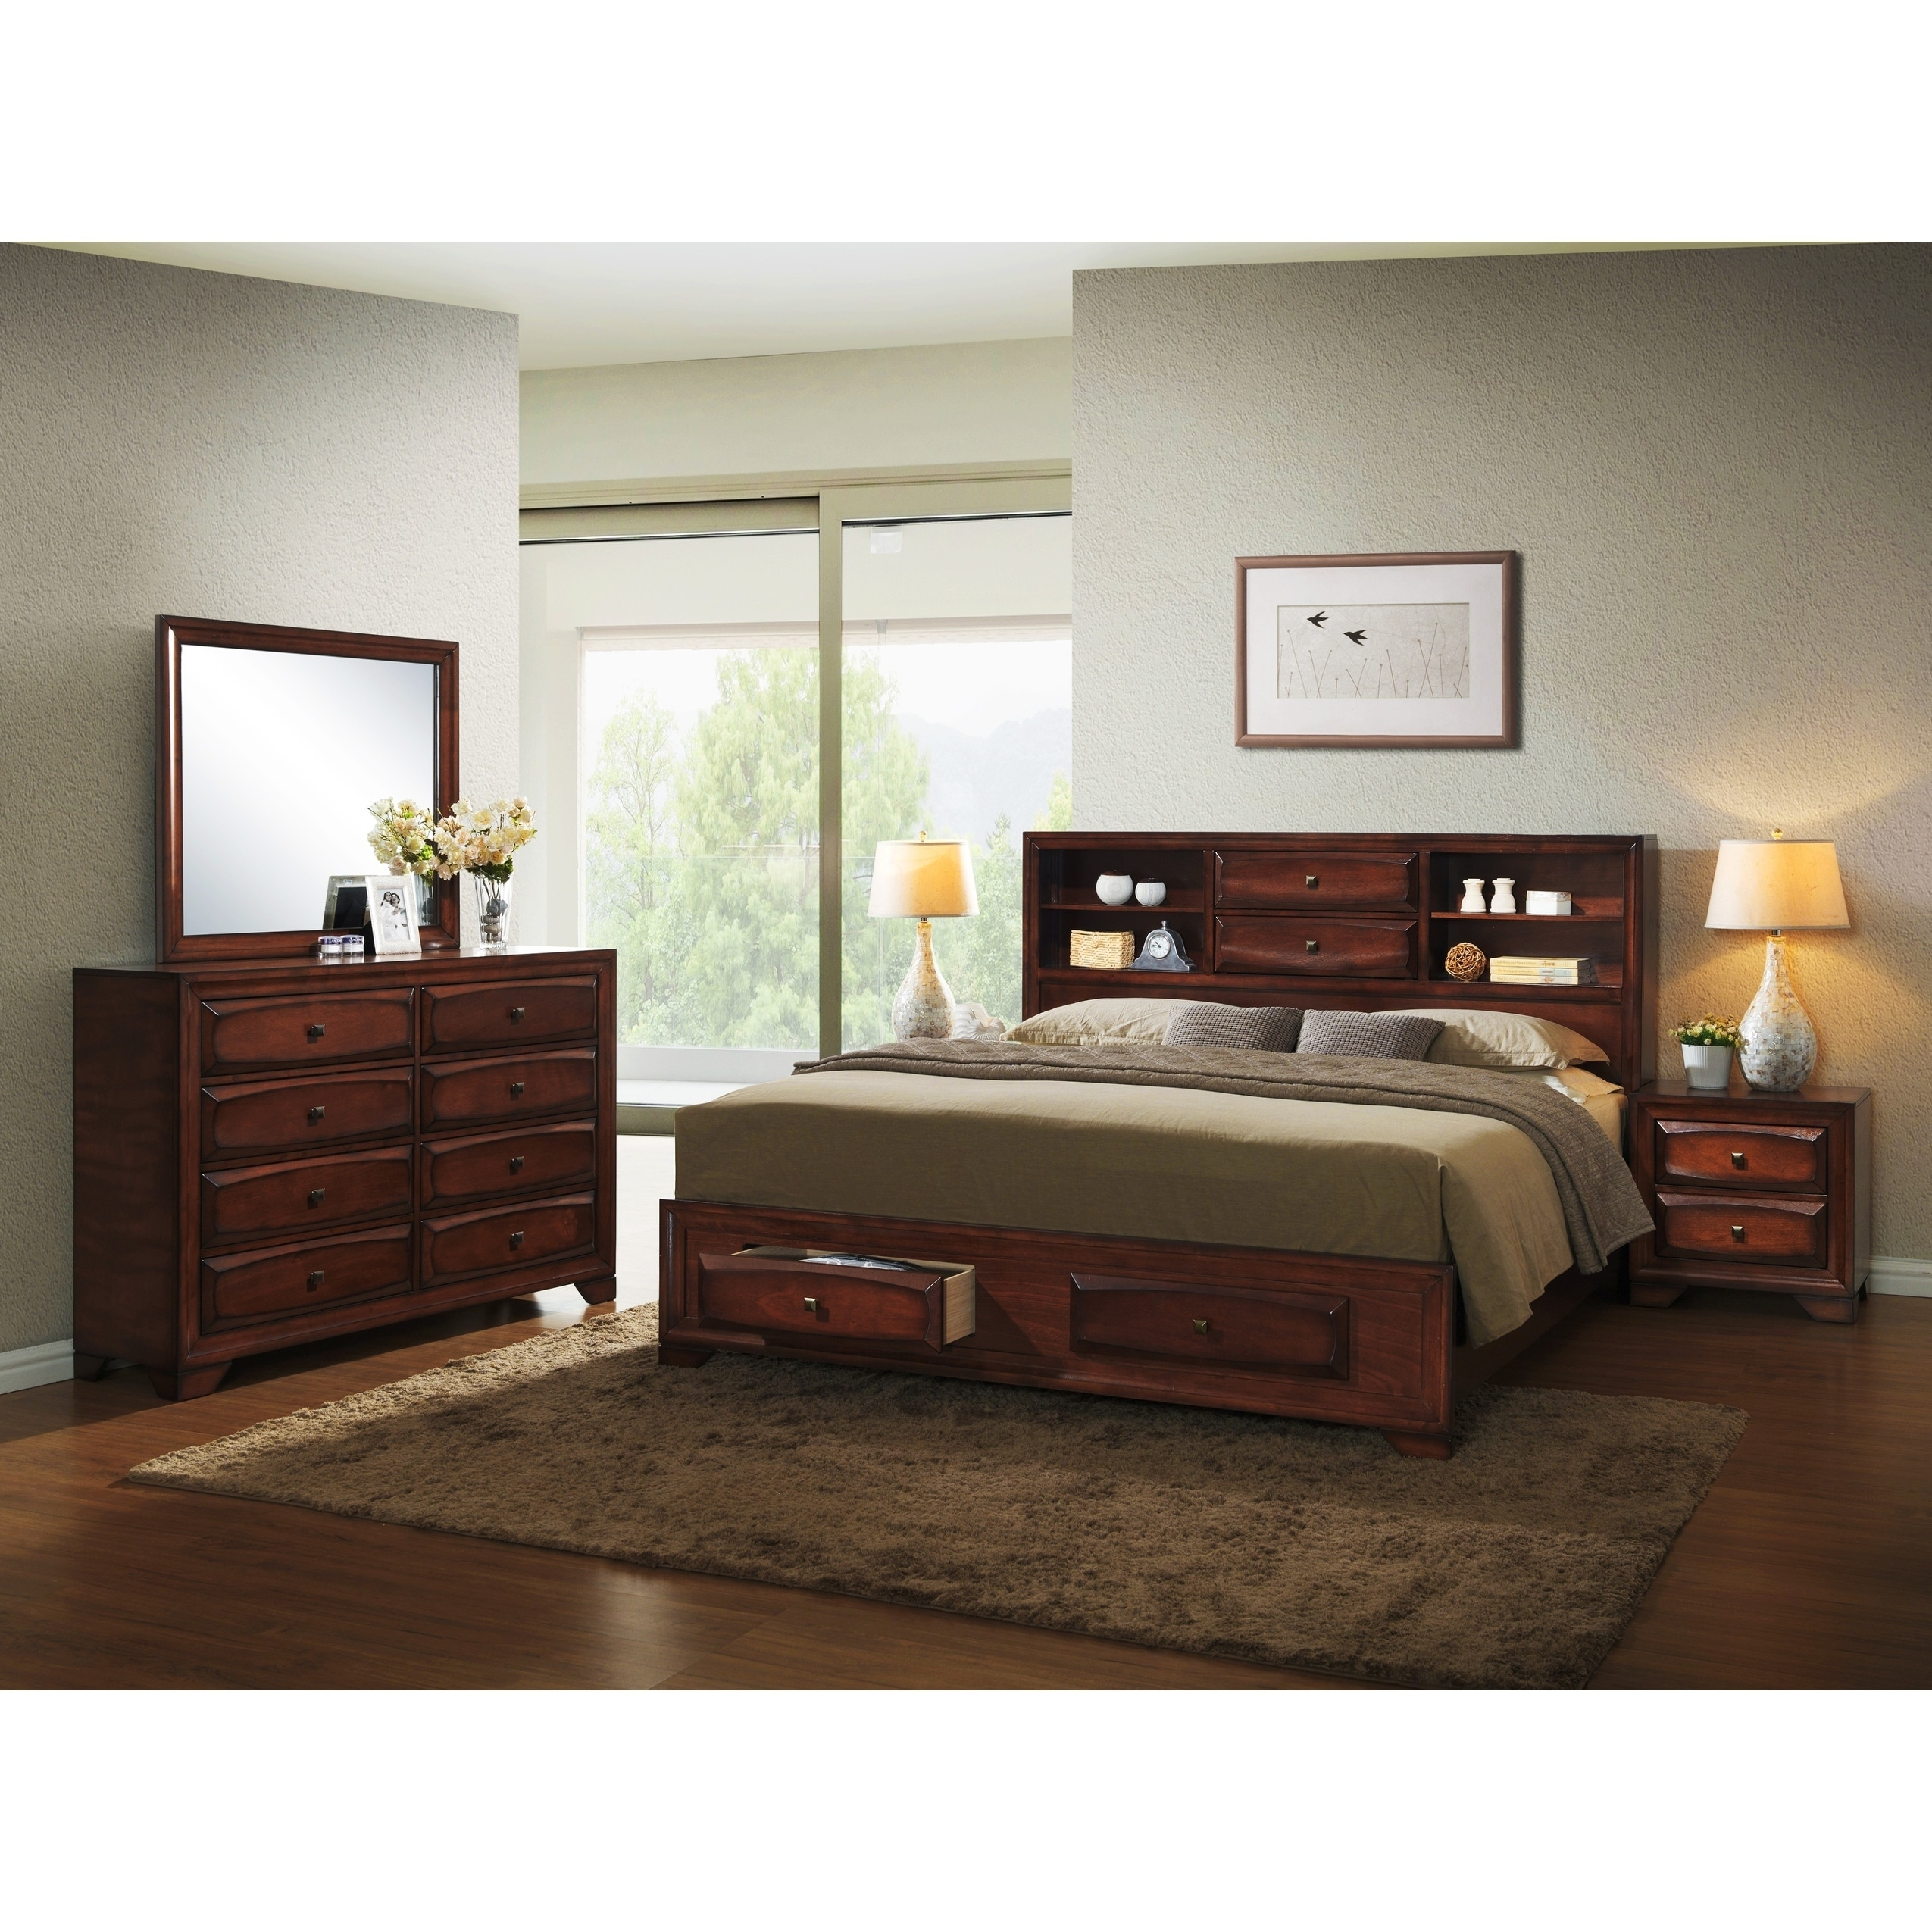 Asger Antique Oak Finish Wood King Size 5 Piece Bedroom Set Oak King 612524932646 Ebay